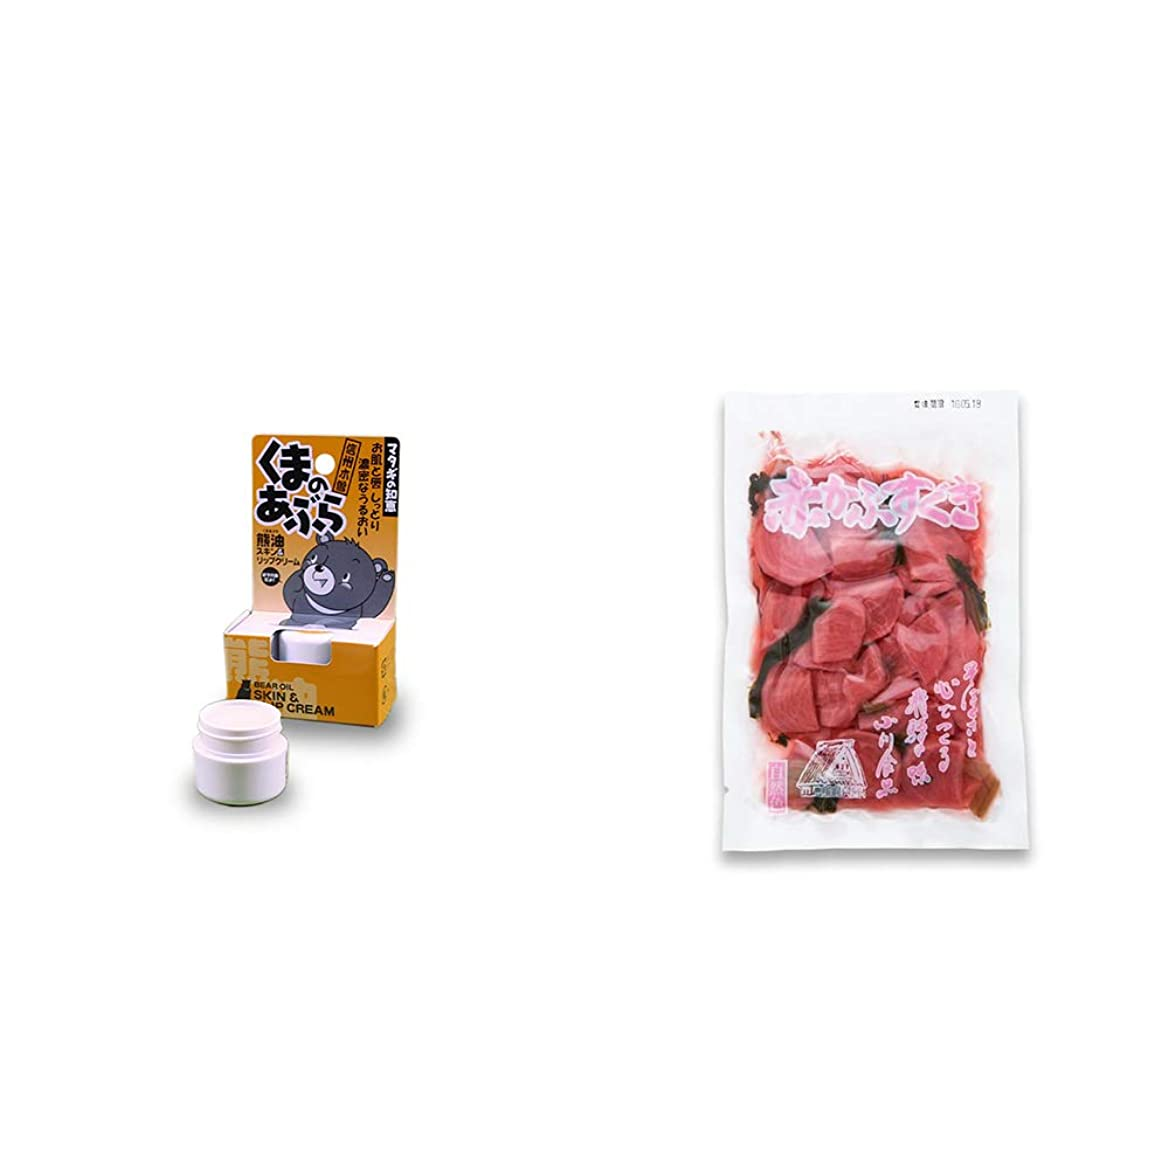 閉塞排泄物目覚める[2点セット] 信州木曽 くまのあぶら 熊油スキン&リップクリーム(9g)?赤かぶすぐき(160g)